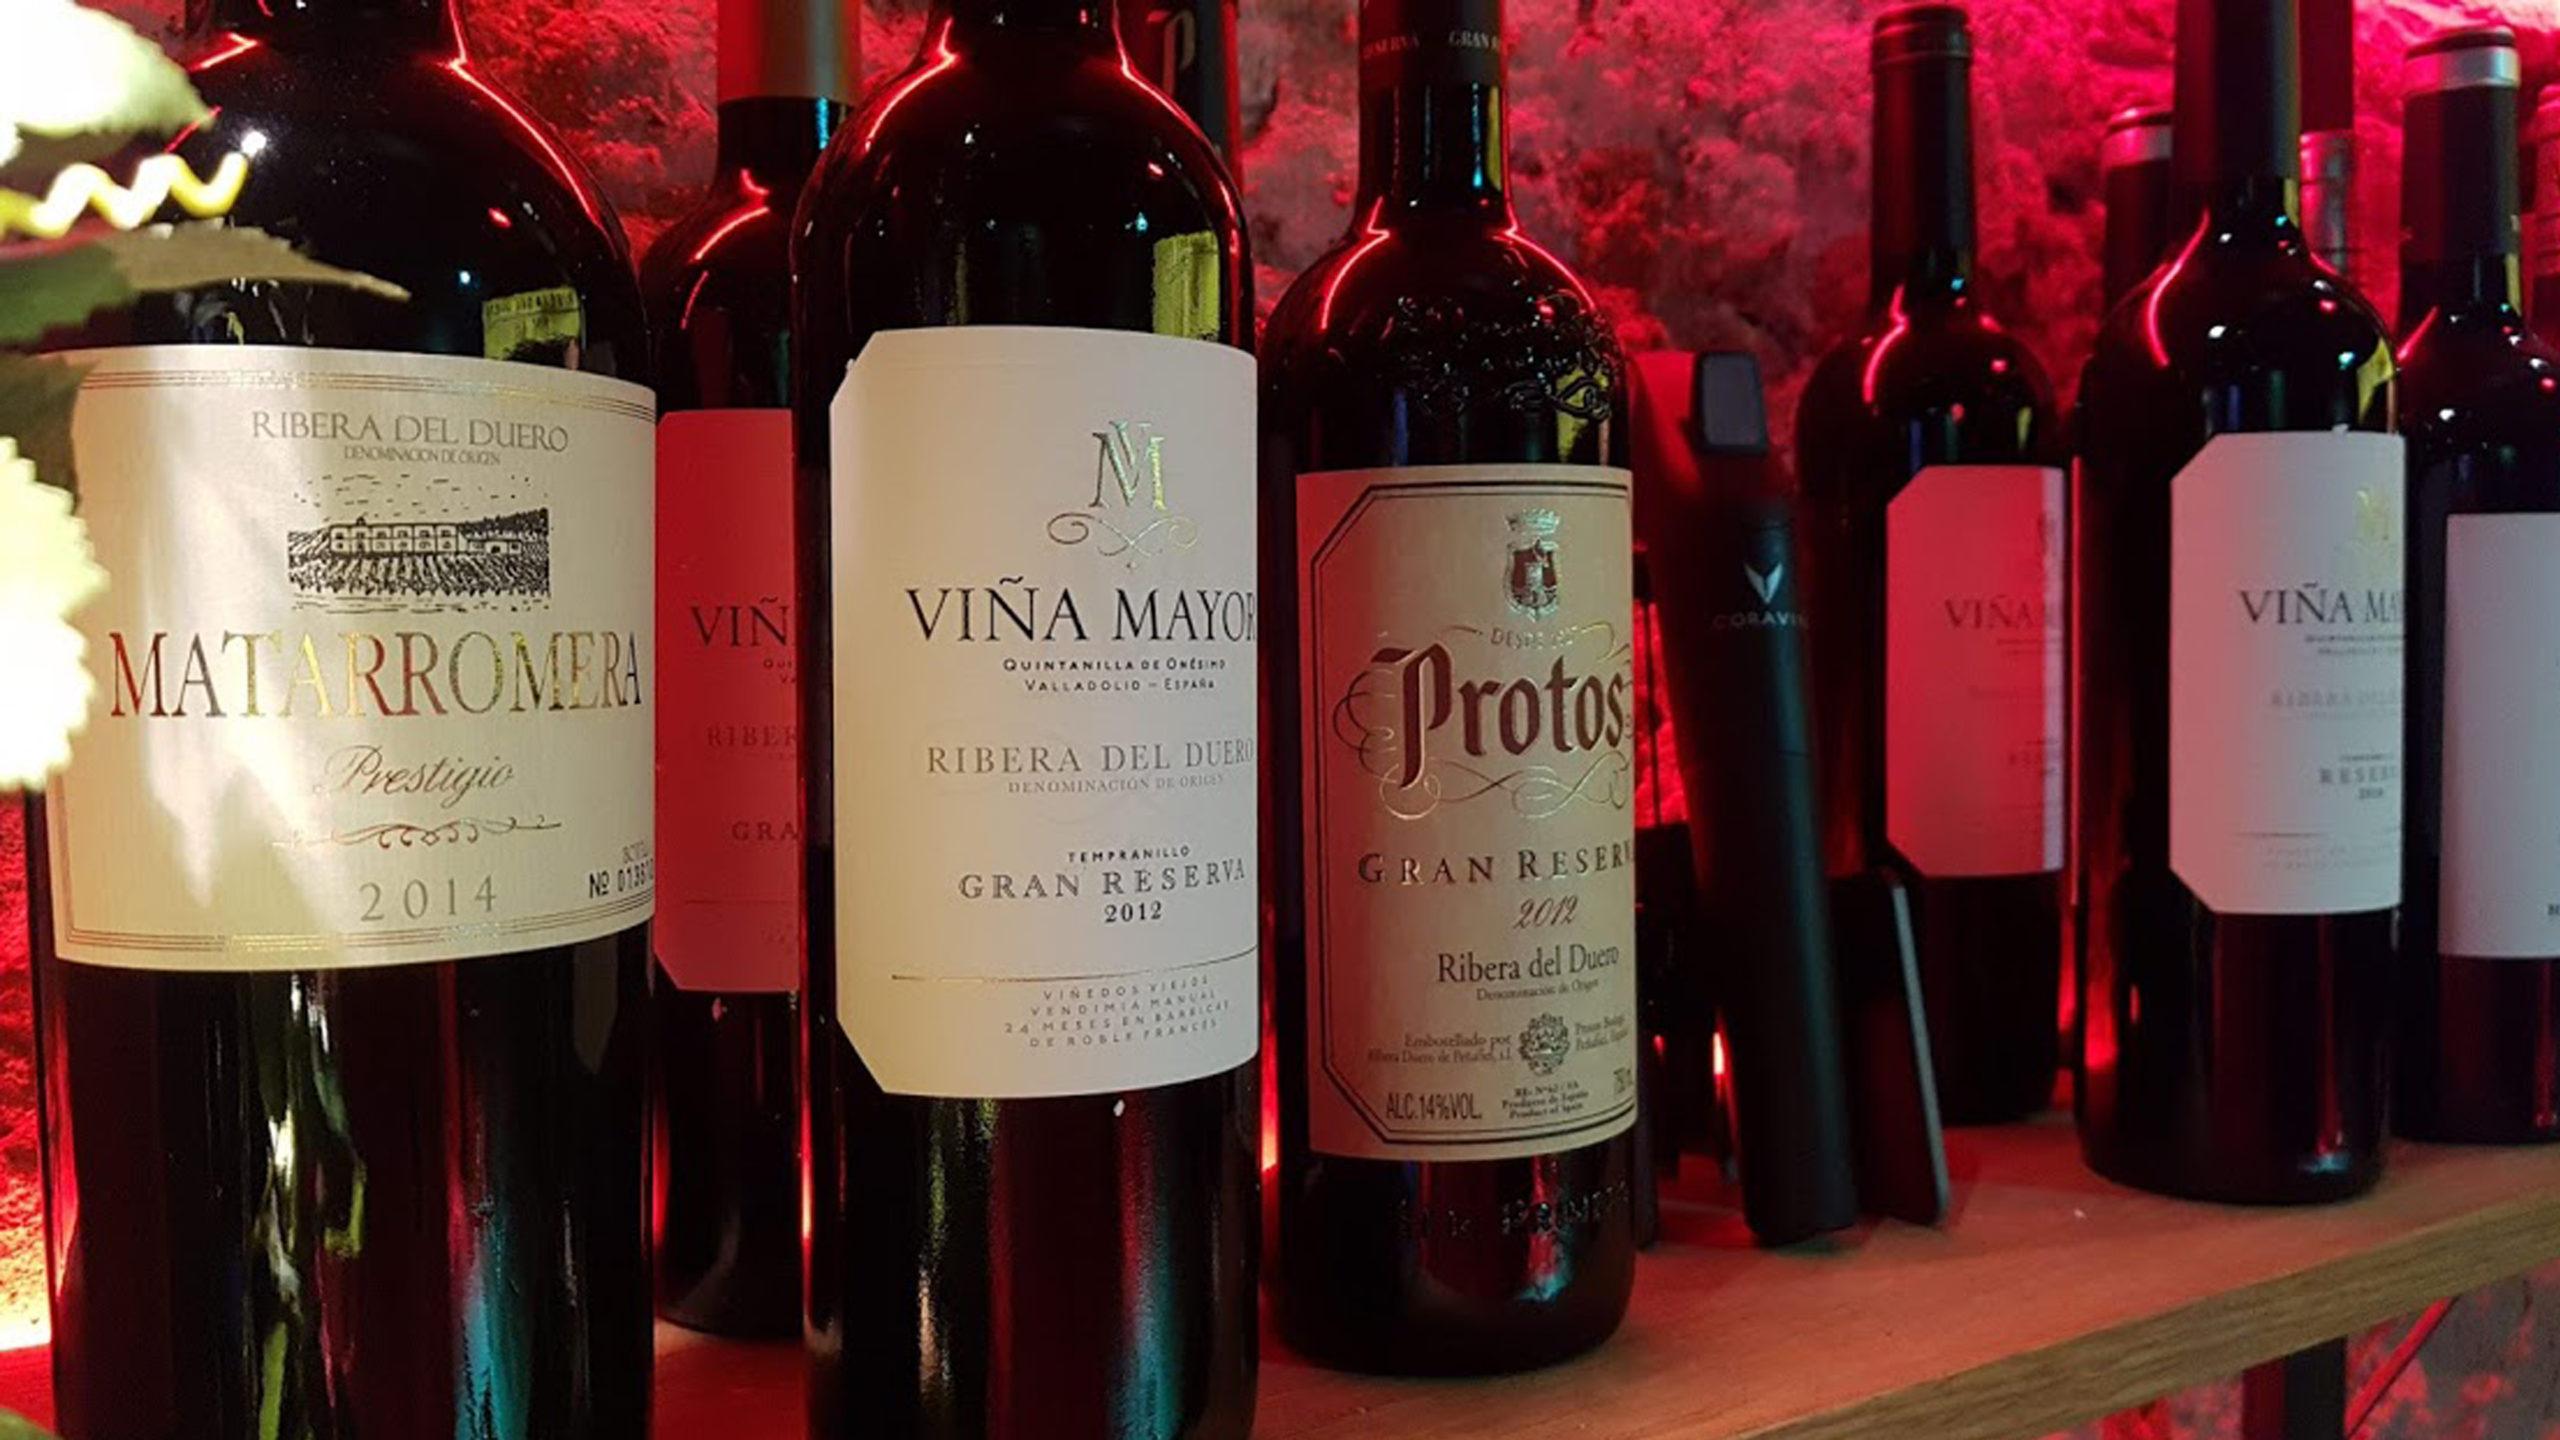 zin in een wijntje ribera del duero pop-up wijnbar in hartje amsterdam is nu geopend